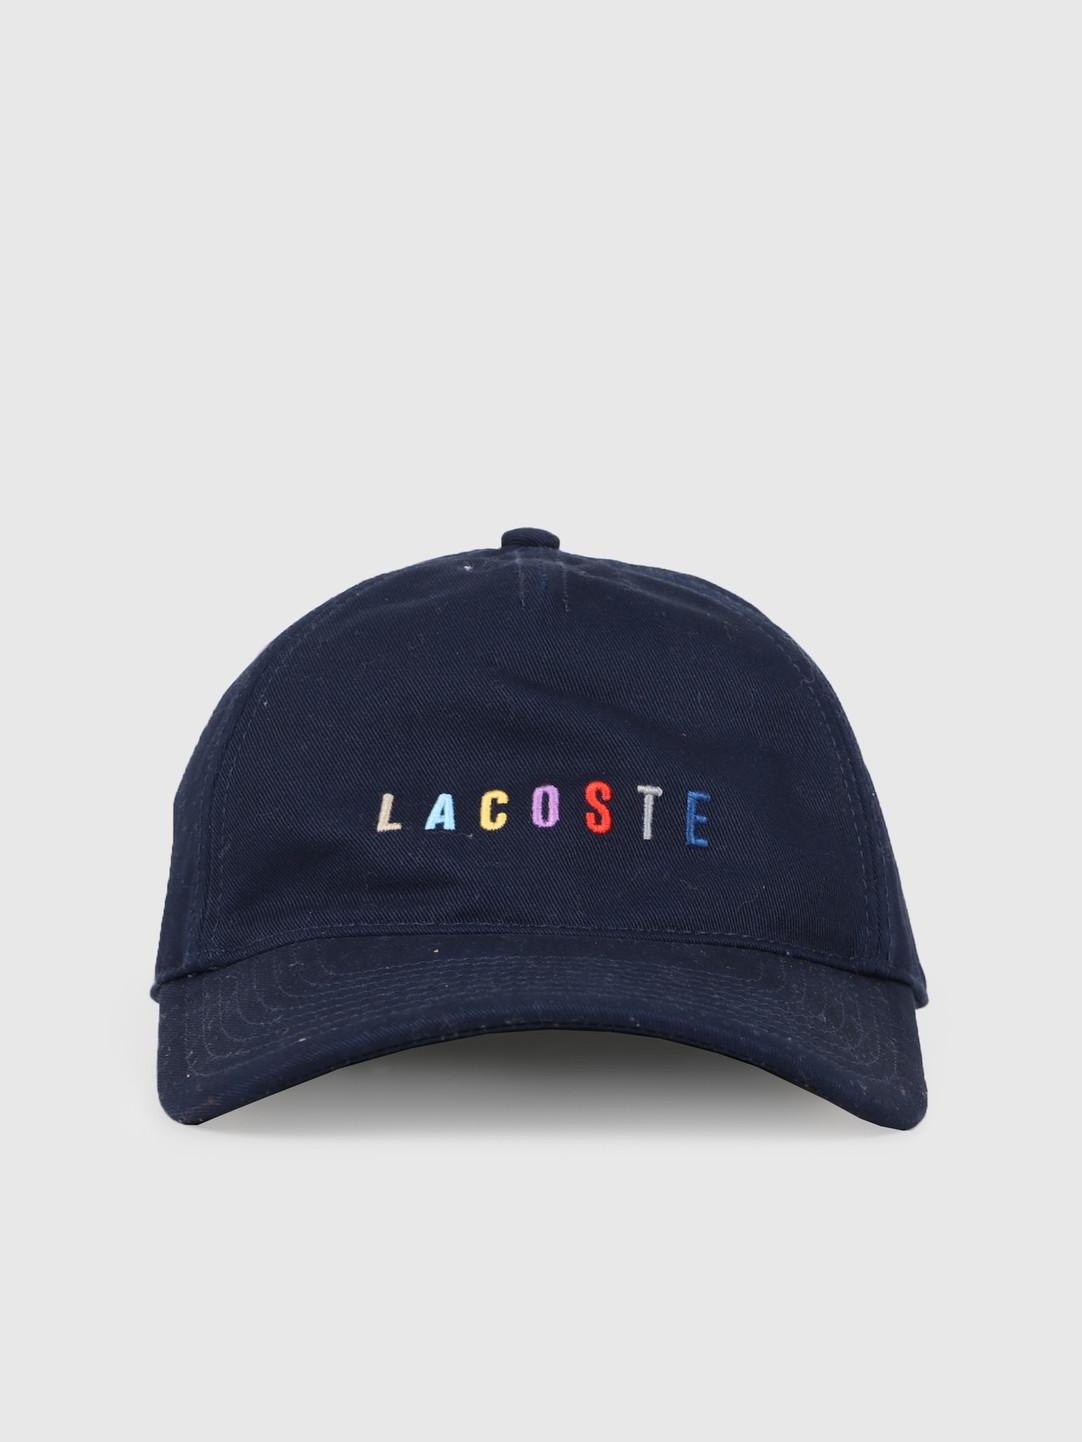 Lacoste Lacoste 2G4C Cap Navy Blue RK8275-93